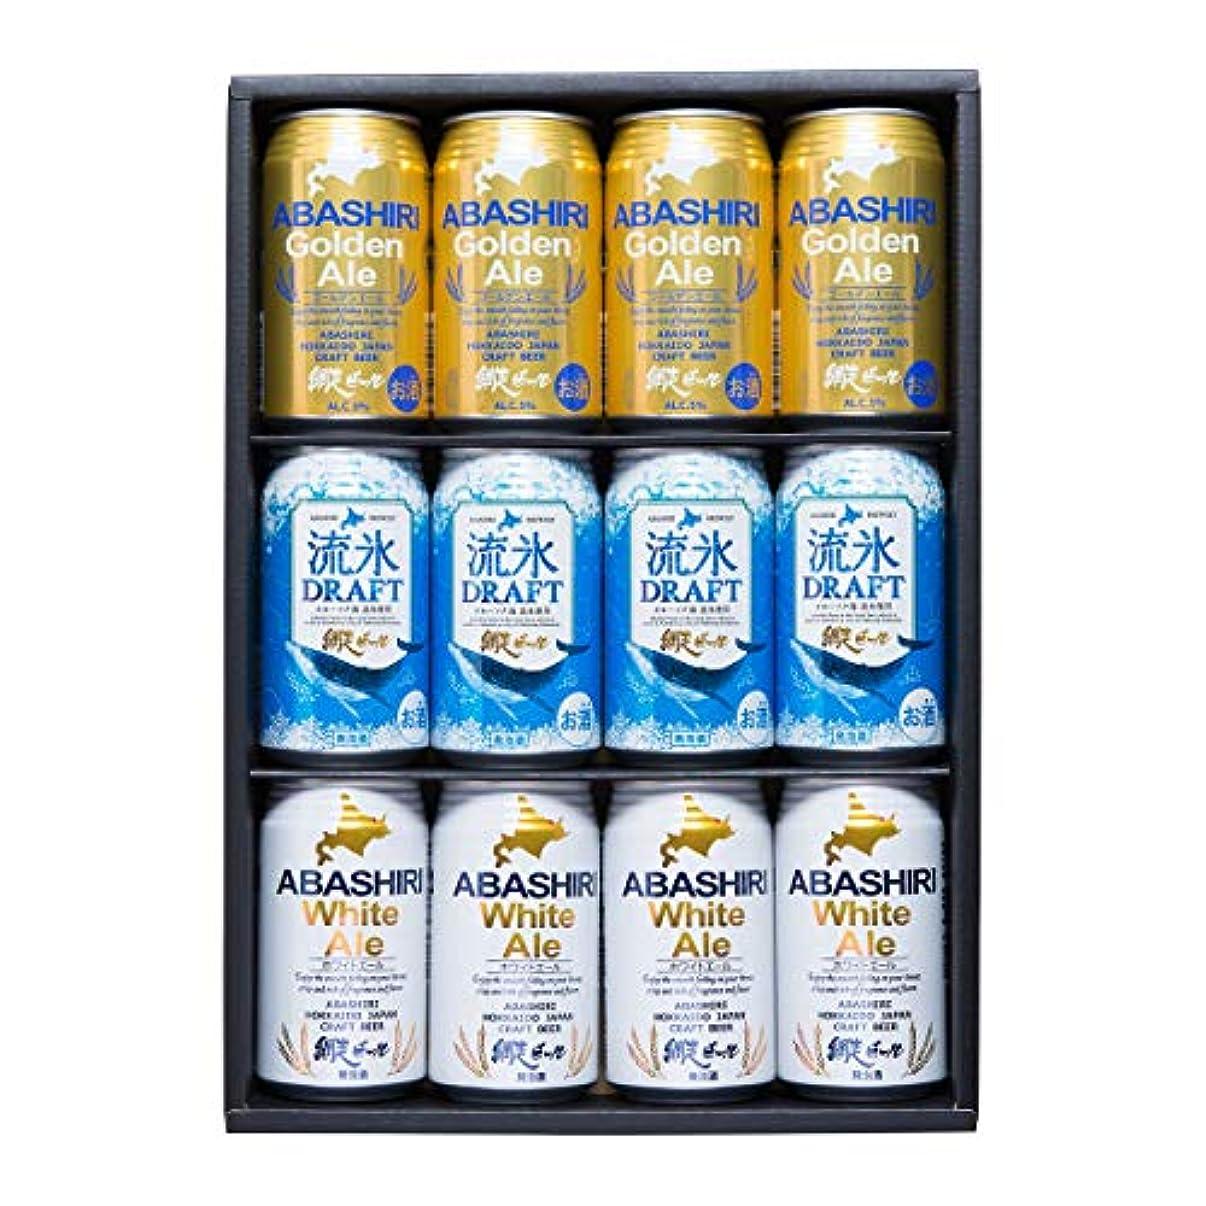 類人猿オズワルド感心する網走ビール12缶セット〔350ml×12〕 流氷ドラフト、ABASHIRI White Ale、ABASHIRI Golden Ale各4缶【沖縄?離島 お届け不可】